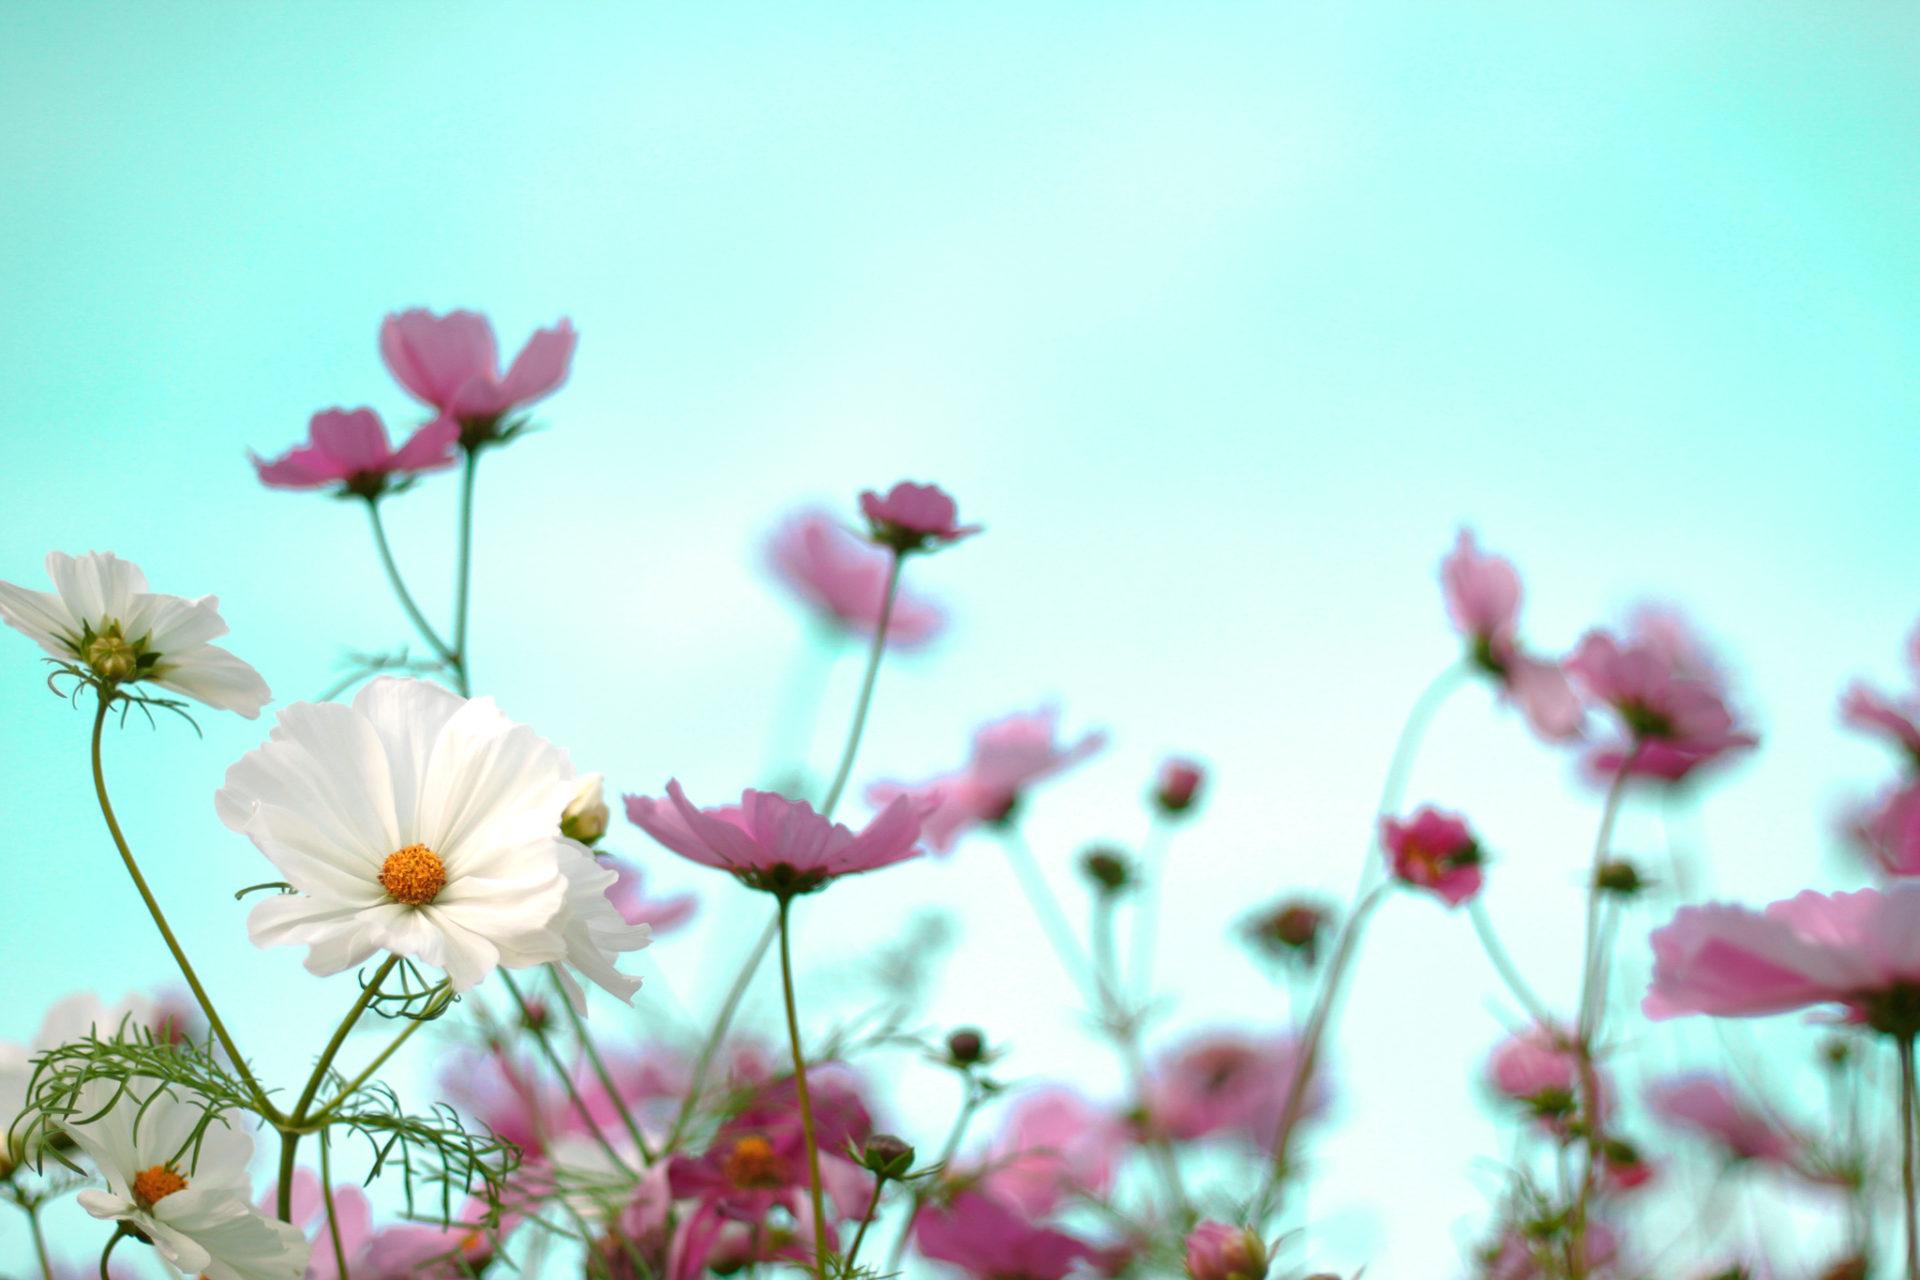 ピンクと白のコスモスと空